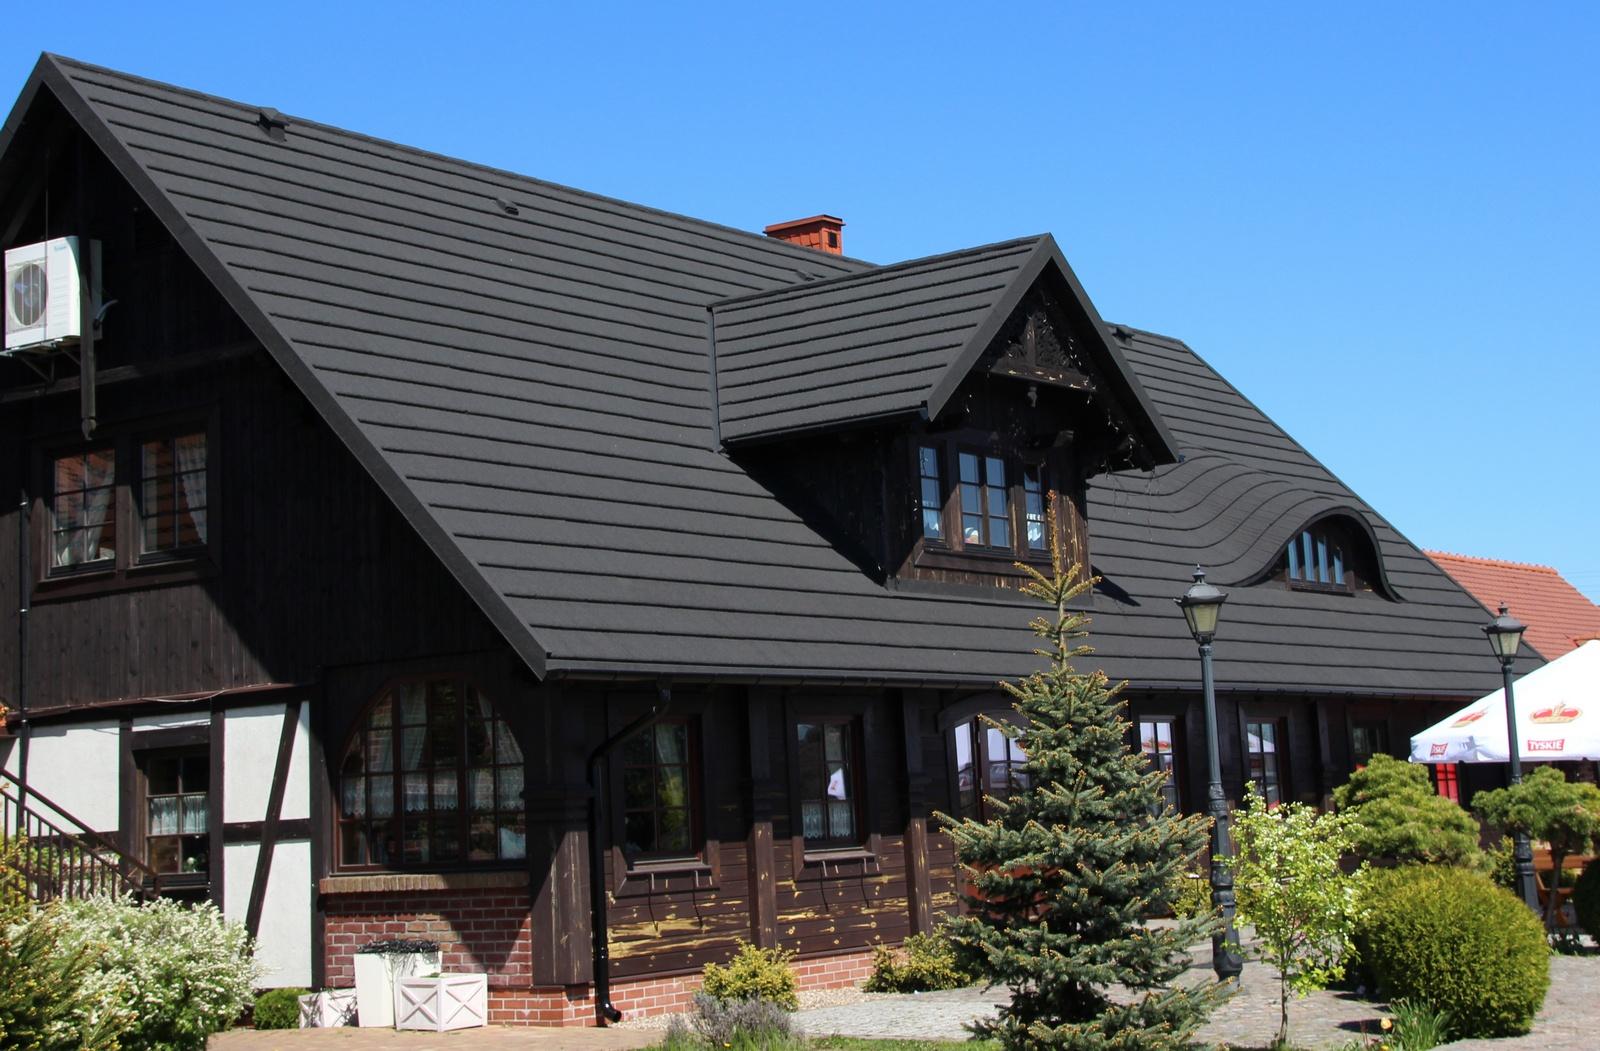 Shake Roof for Buffalo eye dormer restaurant Hillary 2